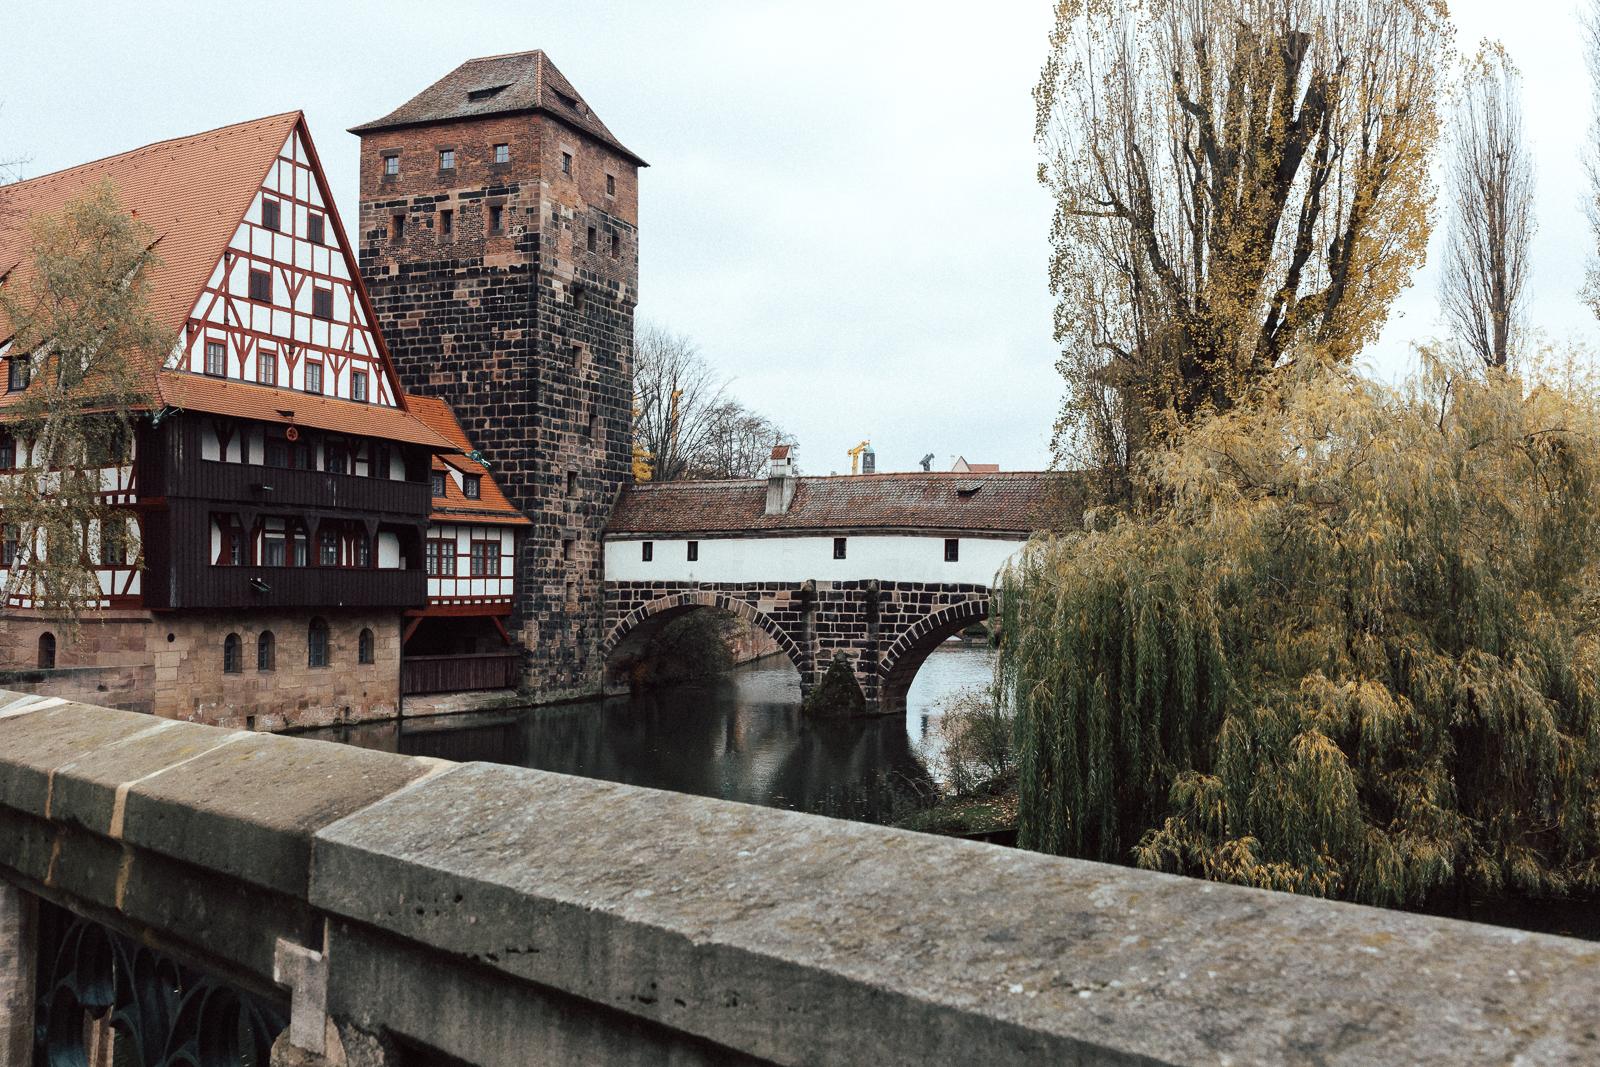 URBANERIE_Daniela_Goth_Fotografin_Nürnberg_Fürth_Erlangen_Schwabach_171110_001_0001